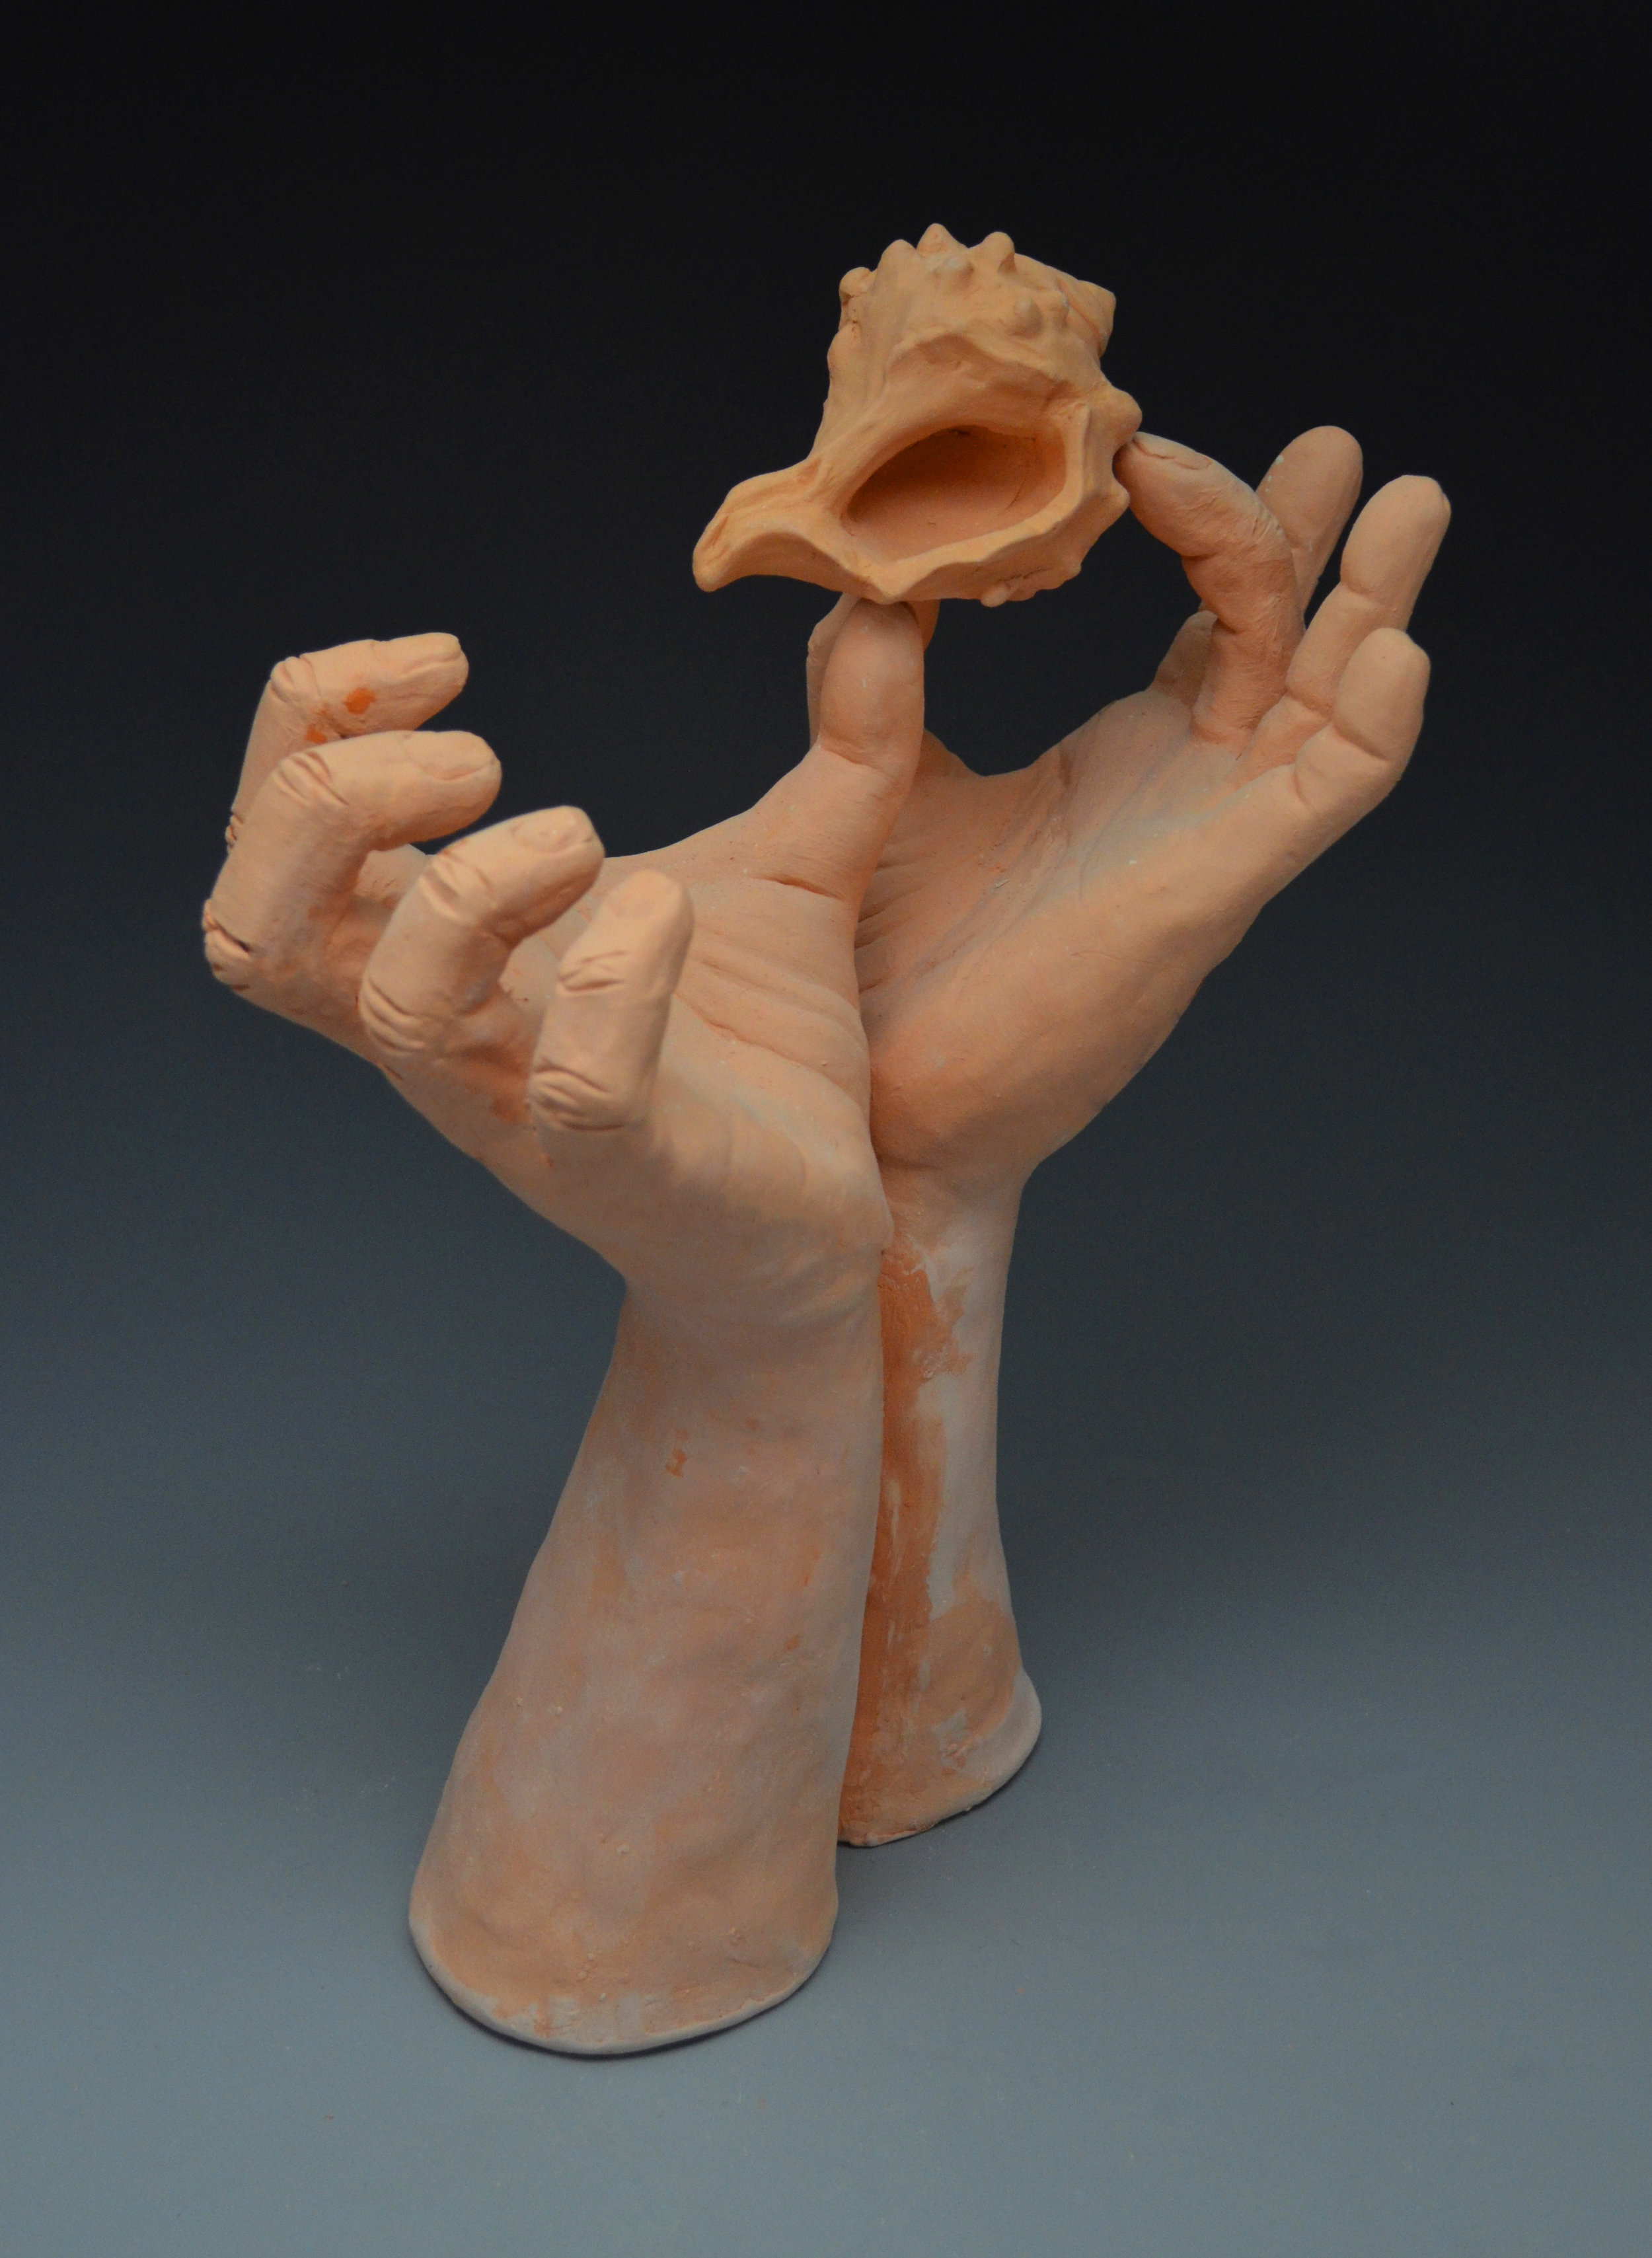 brooke potter hands.jpg